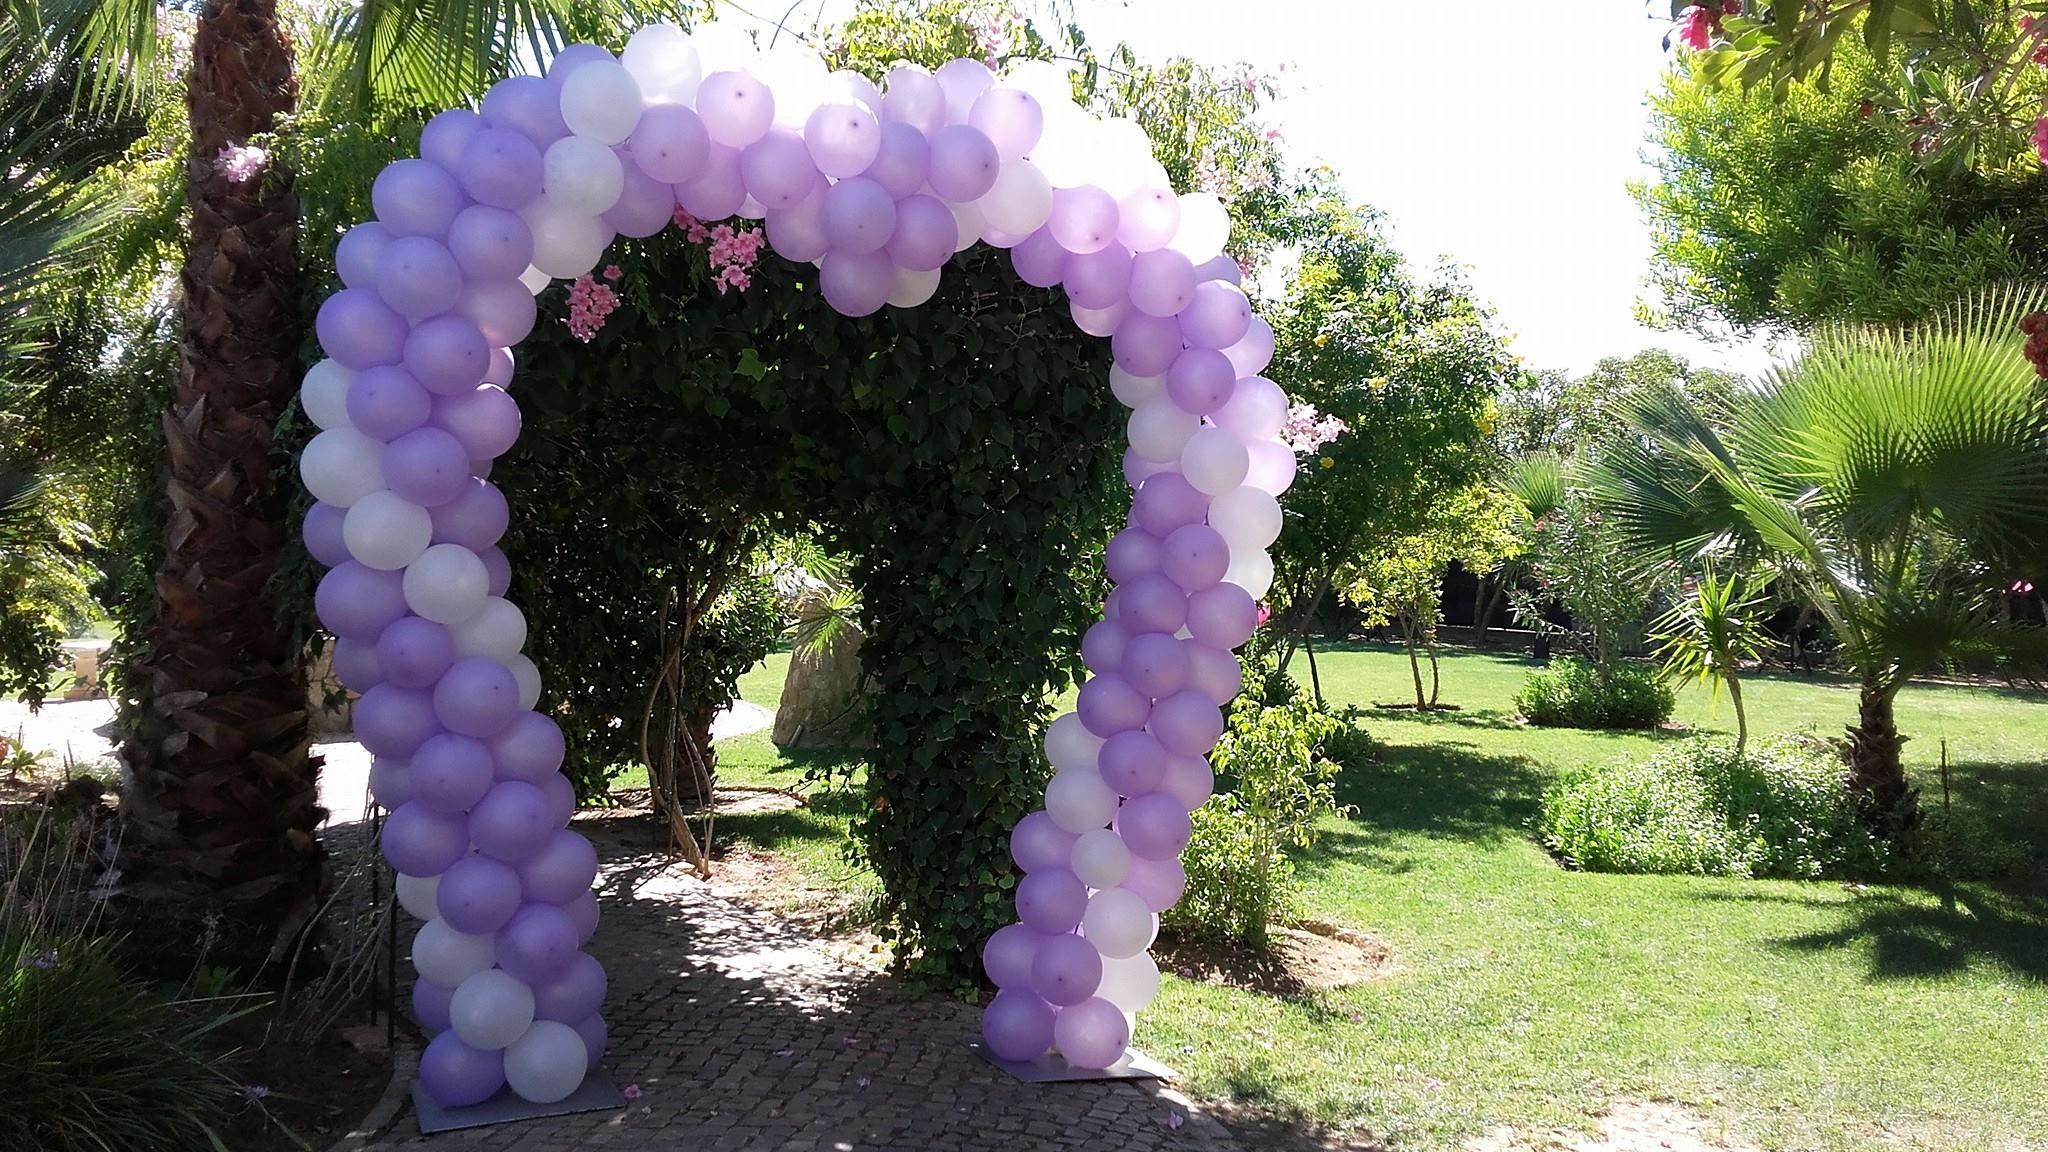 Arco de Balões Coração | Oficina de Sonhos - Animação e Decoração de Eventos Algarve